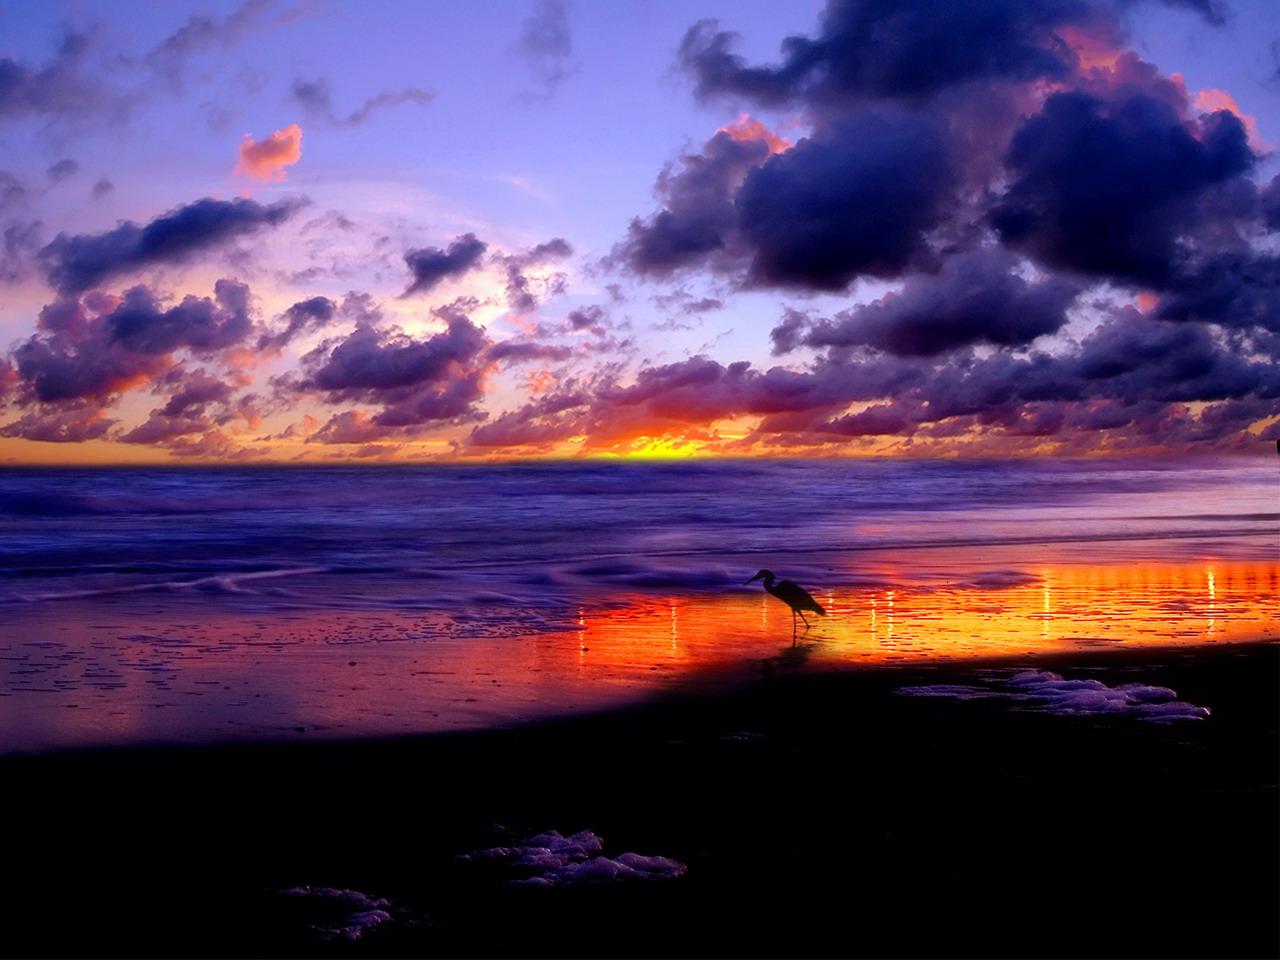 التصوير-الفوتوغرافي-للطبيعة